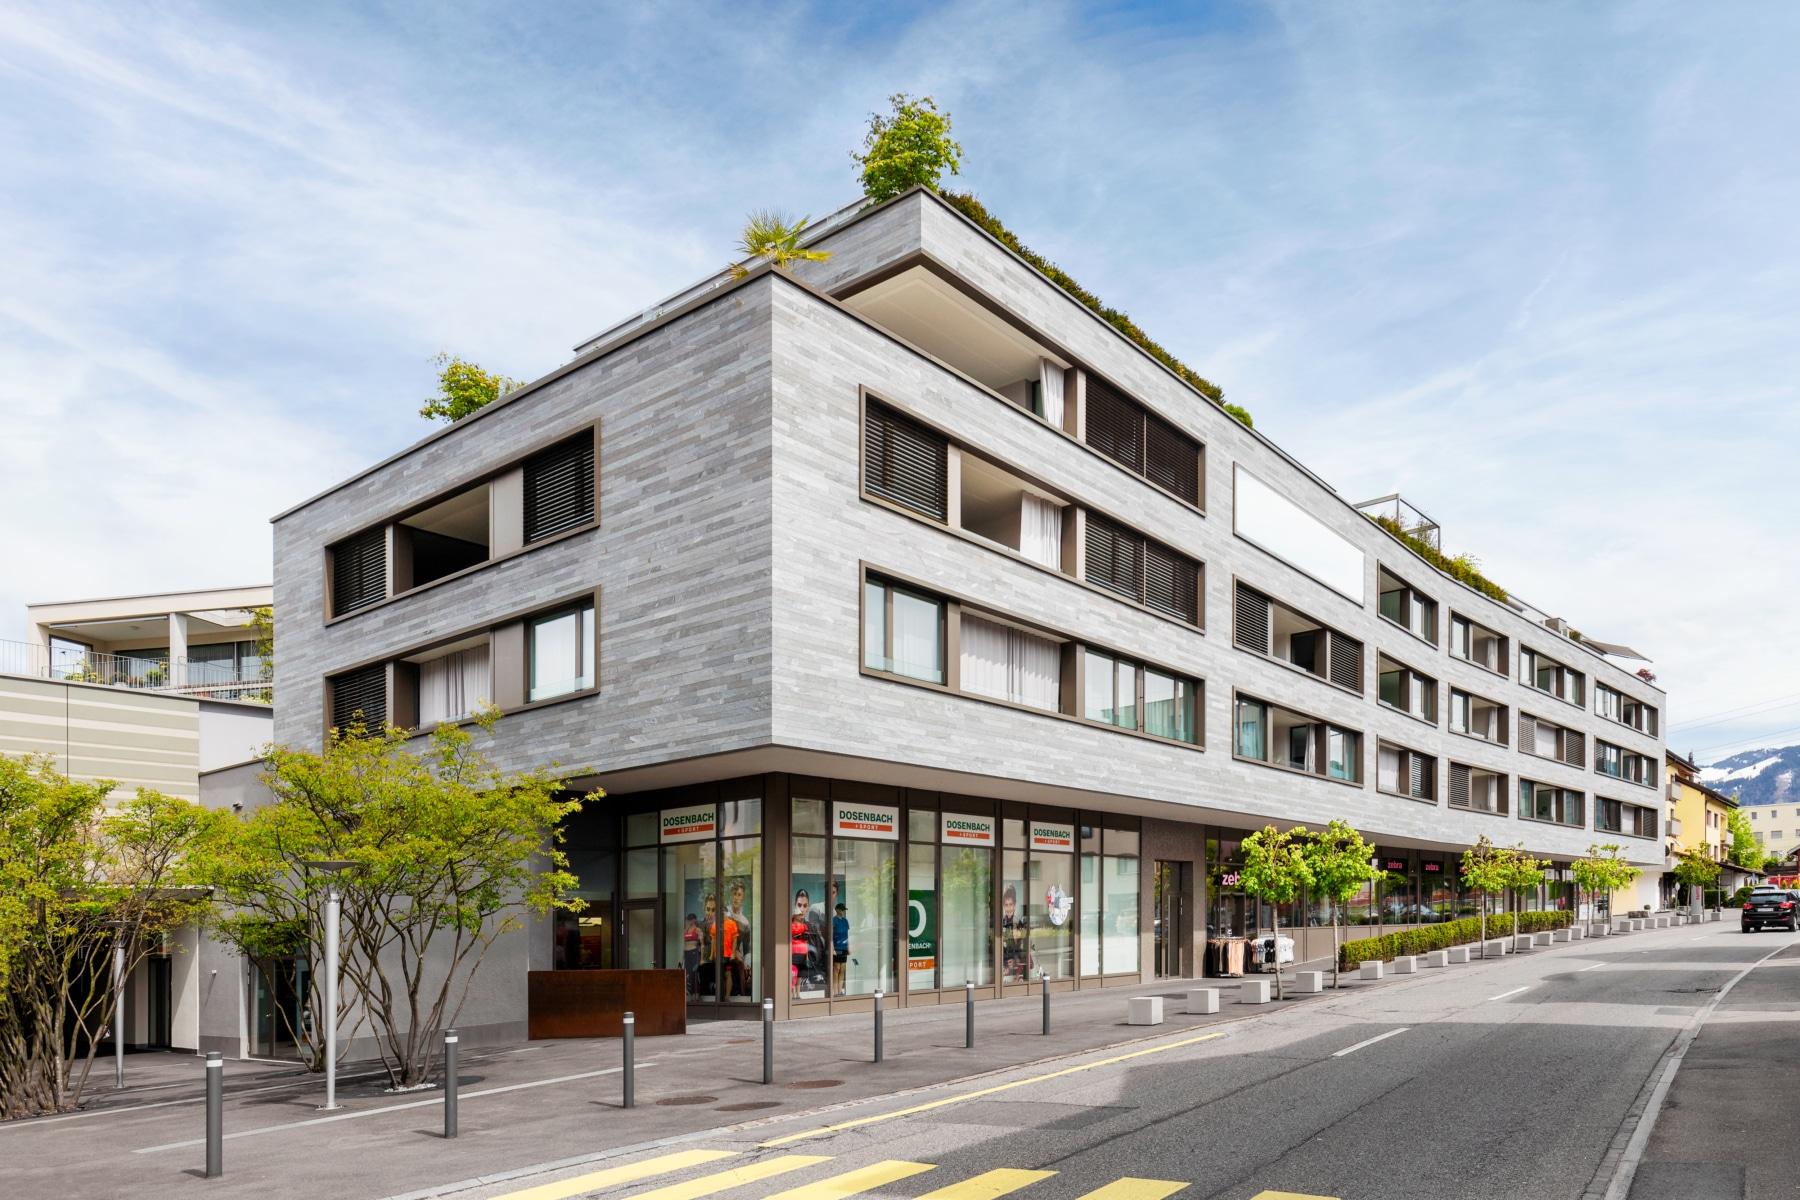 Immobilienfotografie für Mächler GU Referenzenliste / Obersee Living Lachen © by Gerry Pacher